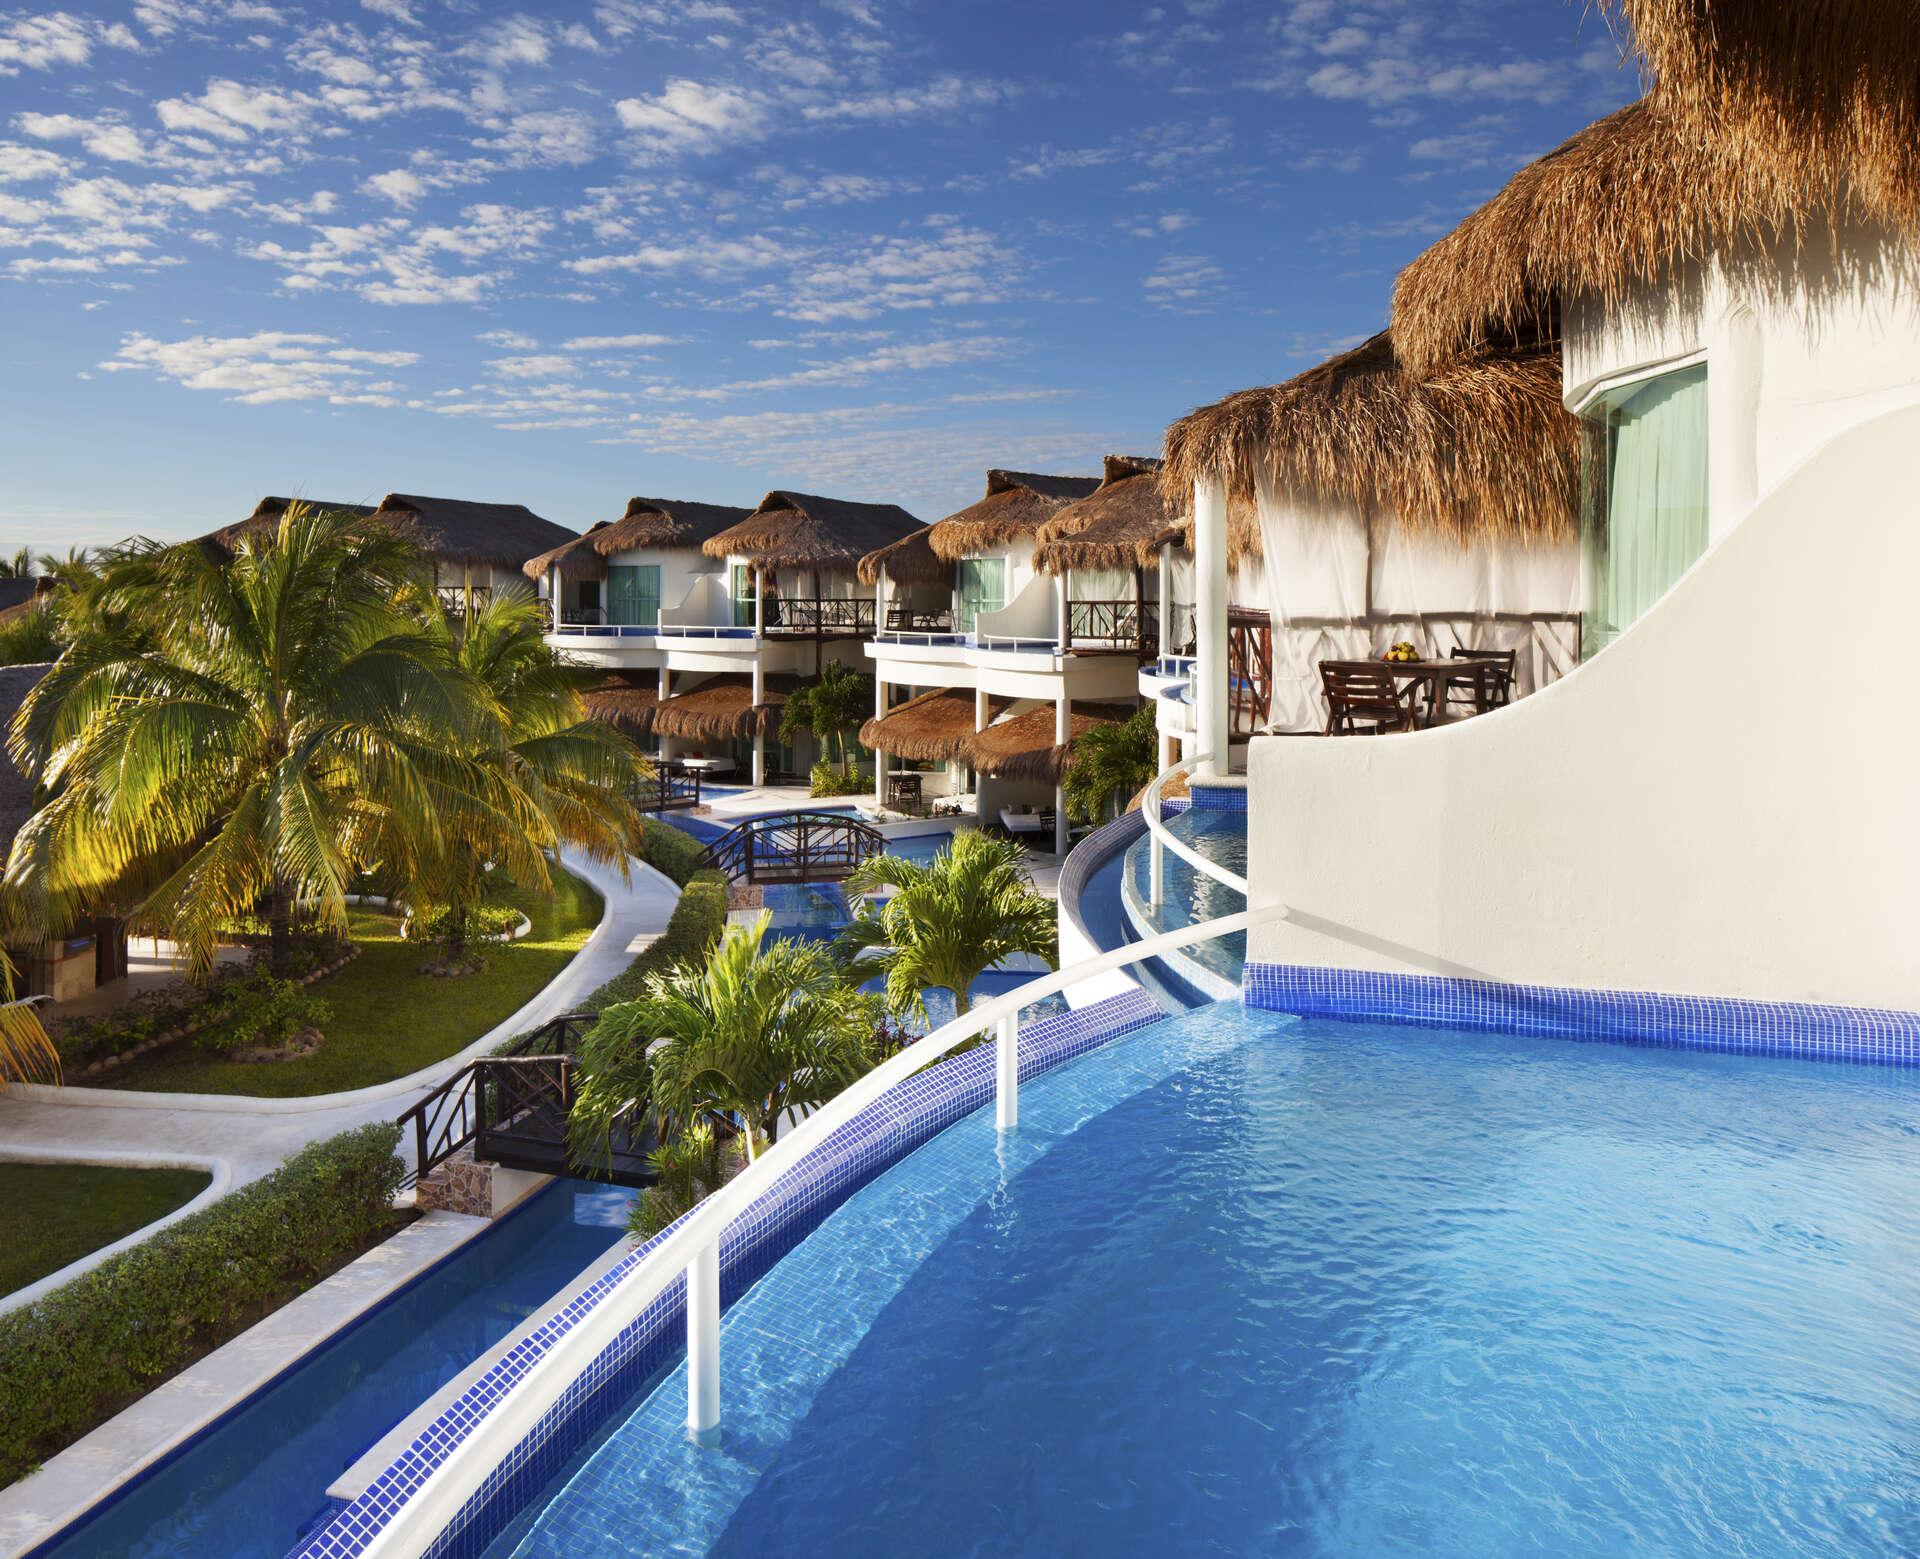 Luxury vacation rentals mexico - Riviera maya - Playa del carmen - El dorado casitas royale - Private Pool Casita Suite - Image 1/8